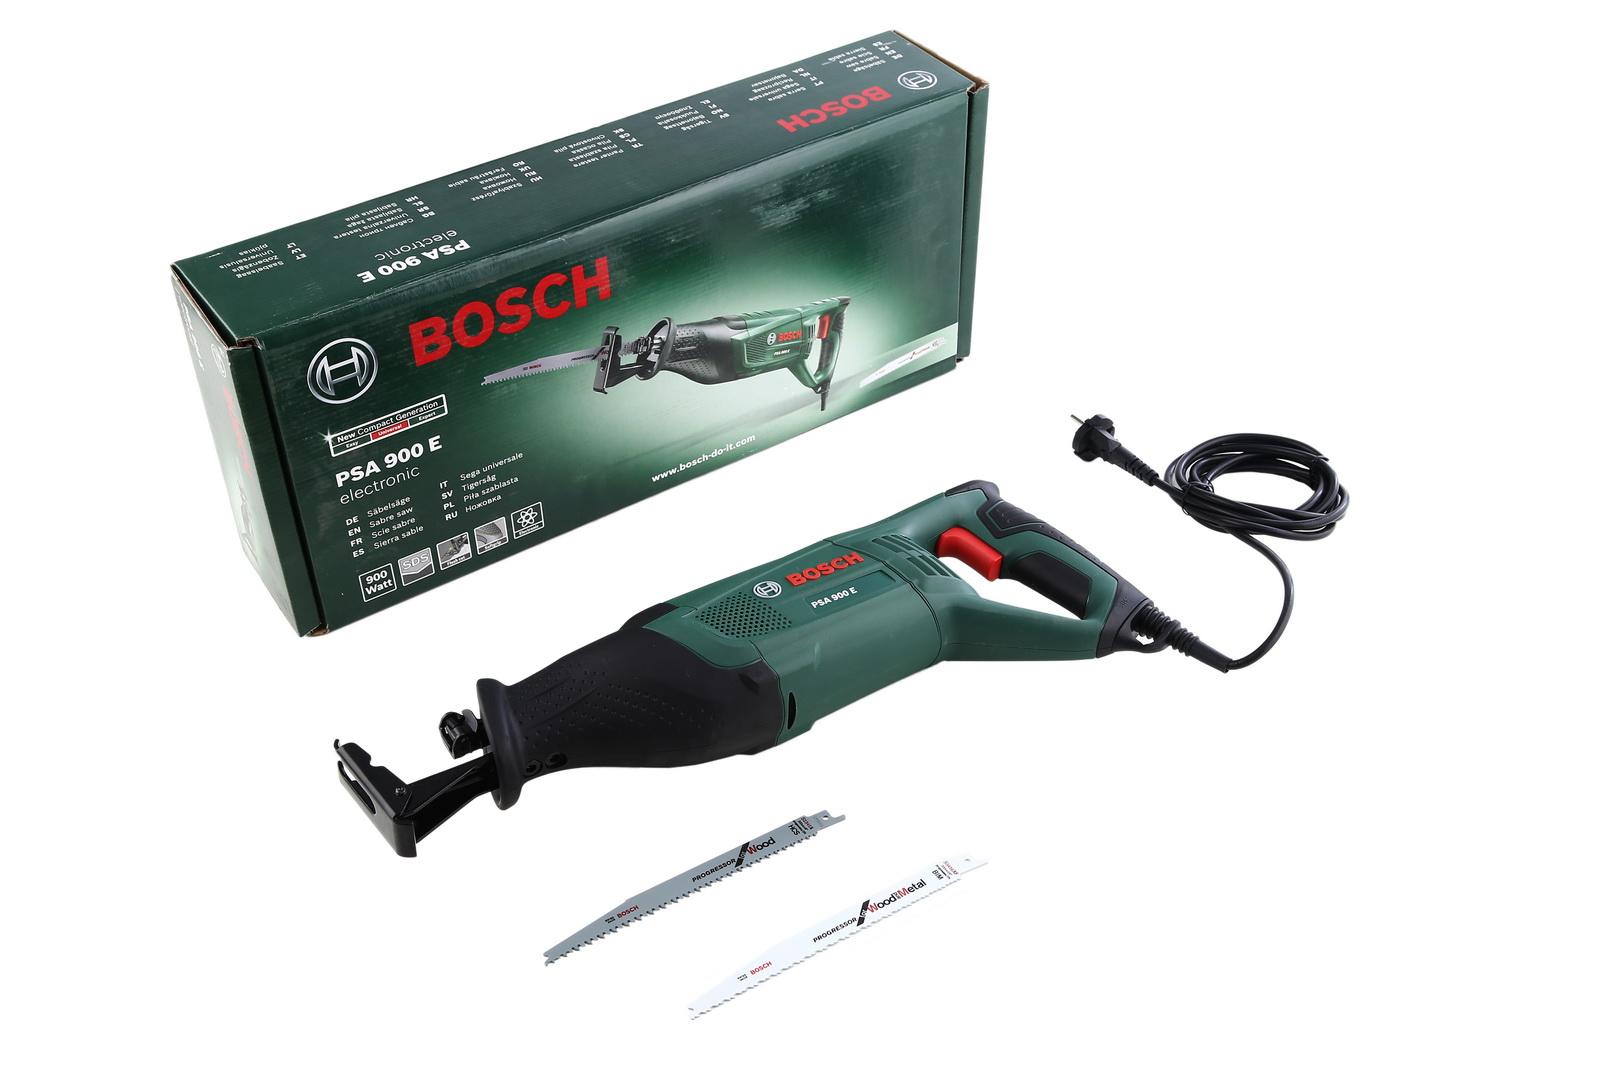 Сабельная пила Bosch Psa 900 e (0.603.3a6.000)